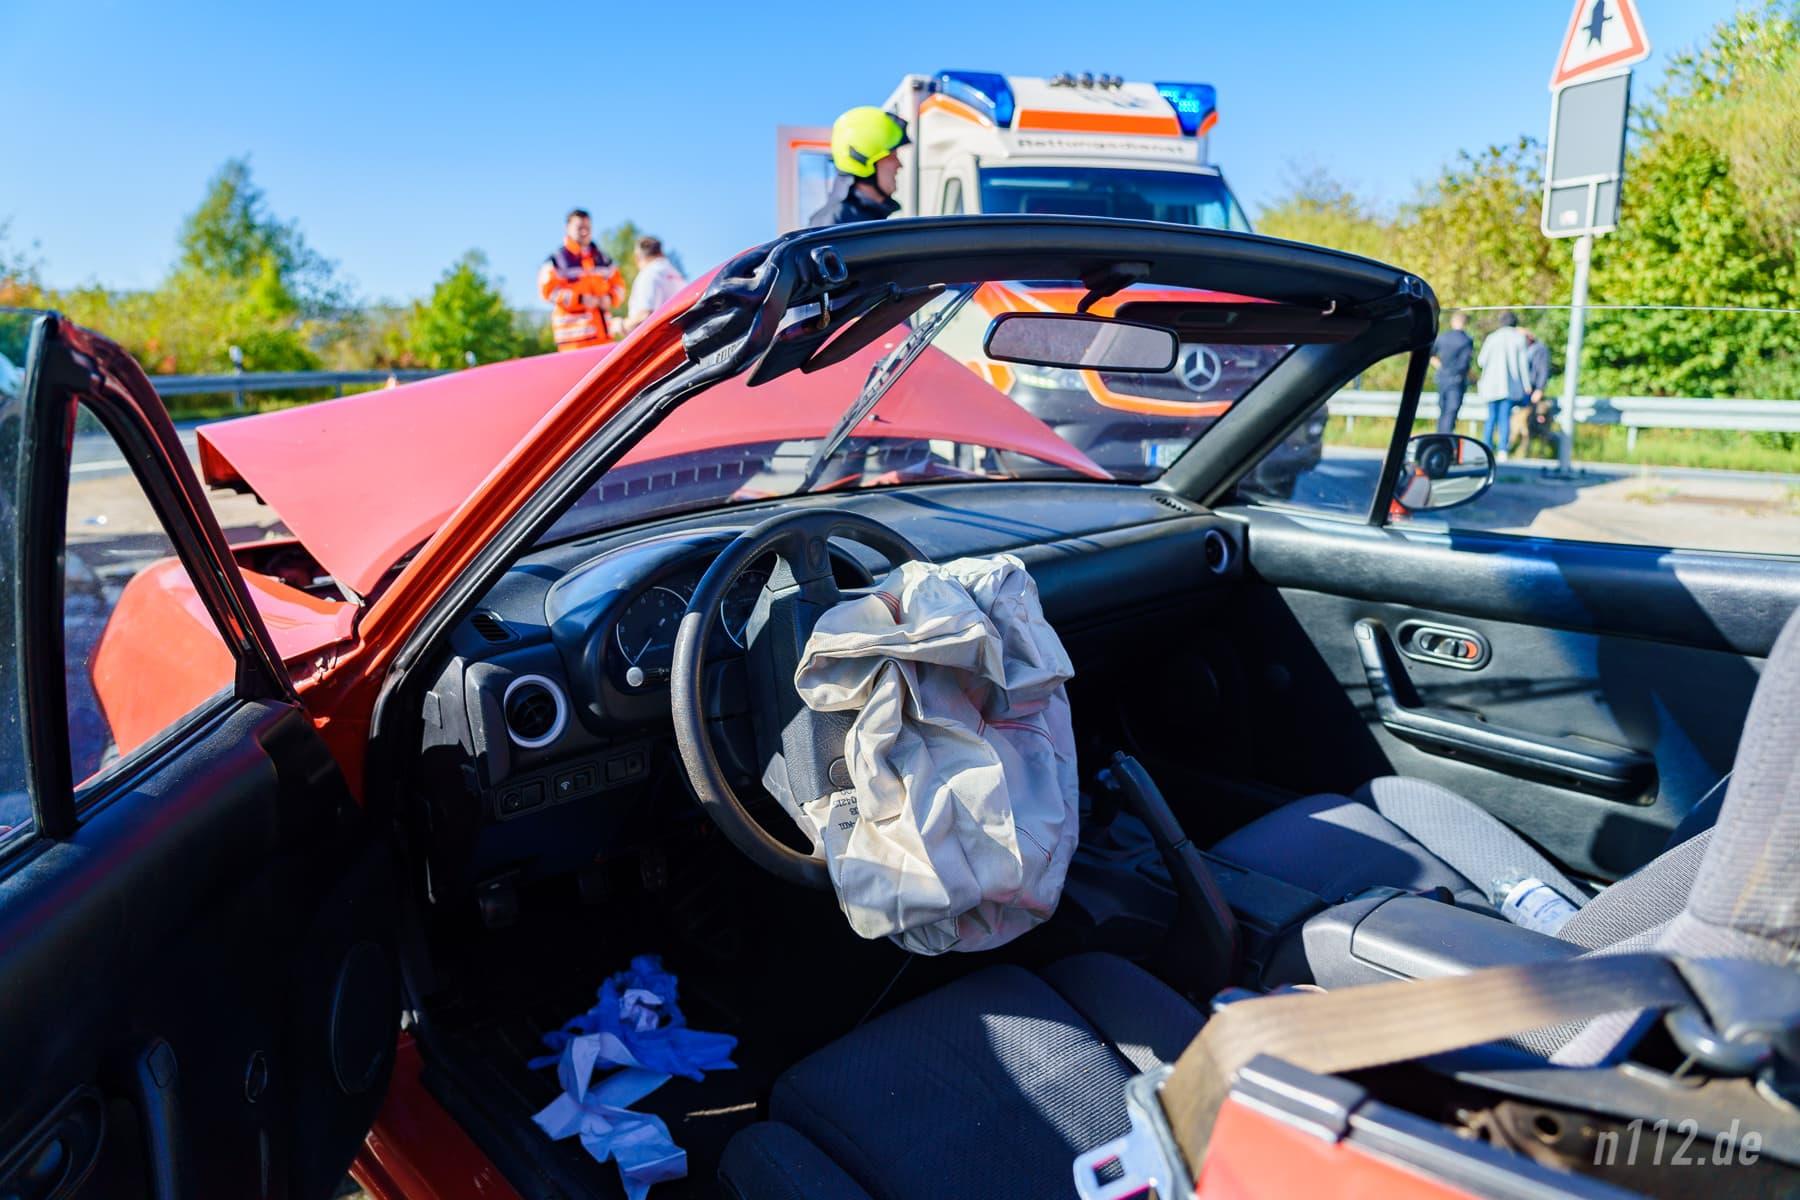 Der 65-jährige Fahrer schlug mit dem Kopf gegen den Rahmen und erlitt schwere Rückenverletzungen (Foto: n112.de/Stefan Simonsen)